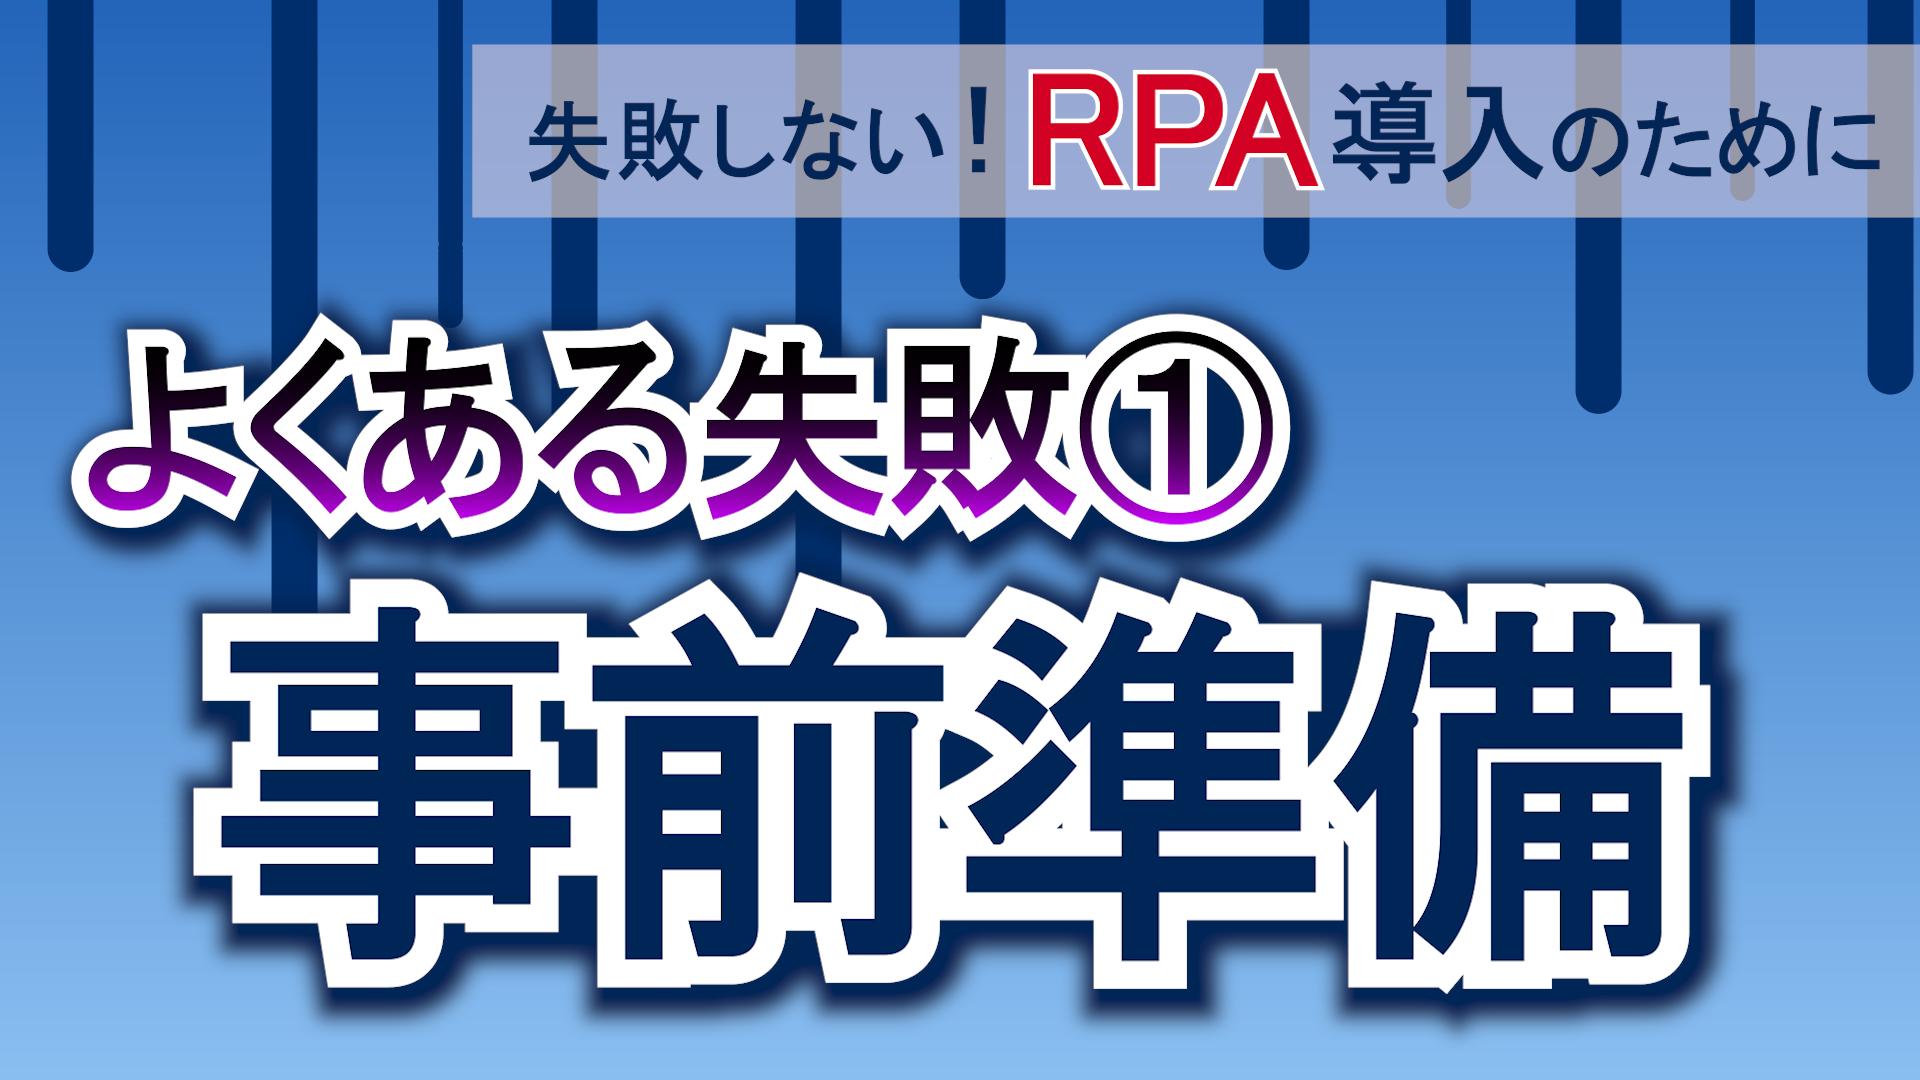 【90秒RPA】RPA化でよくある失敗① ~事前準備~【UiPathセミナー講師が解説】